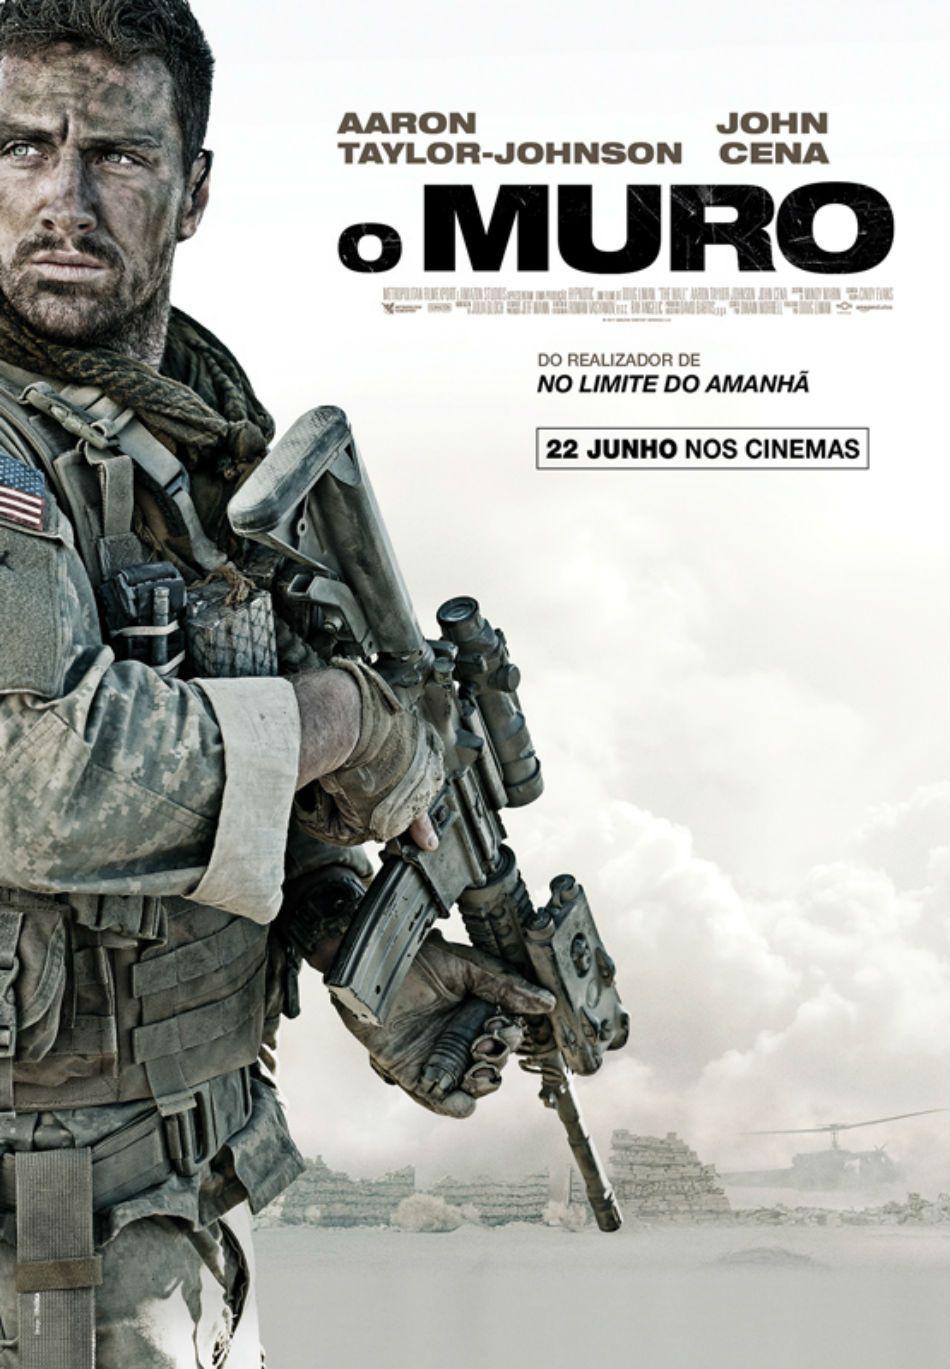 Dois Soldados Americanos Encurralados Por Um Sniper Iraquiano Filmes Hd Filmes Gratuitos Capas De Filmes